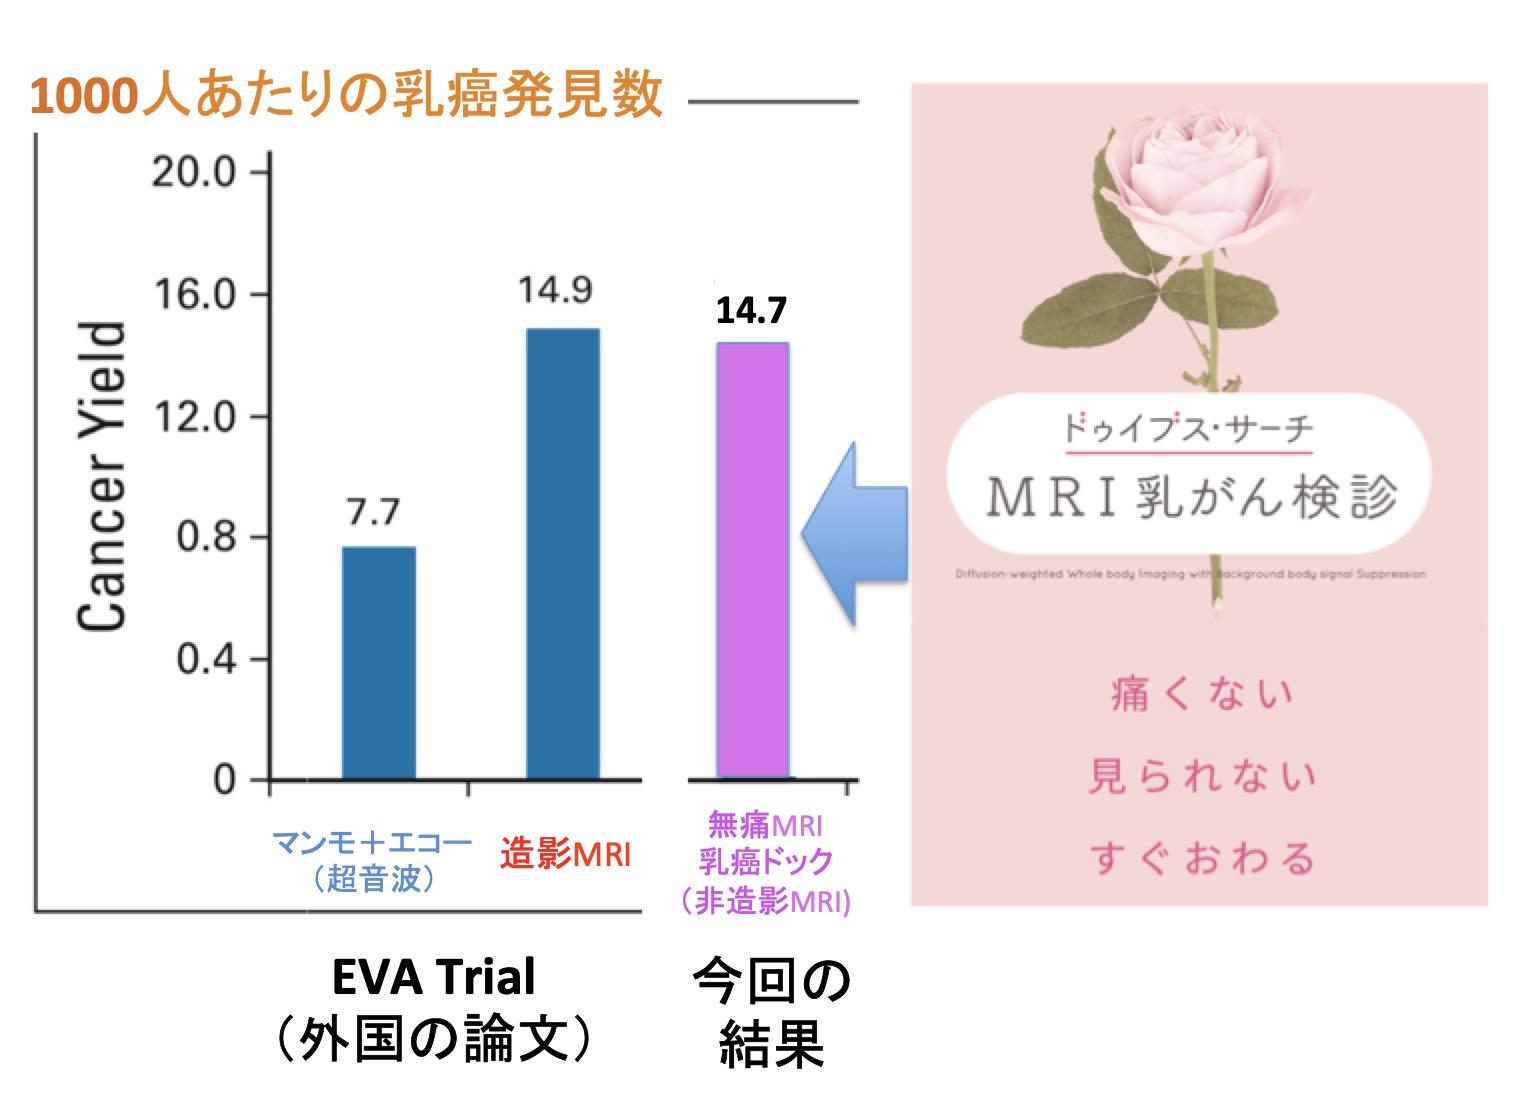 ※ EVA Trialと 今回の無痛MRI乳がん検診の受診者背景は異なりますので直接比較はできないことにご注意ください。ただし今回のデータは1000例を超えた規模による集計です。